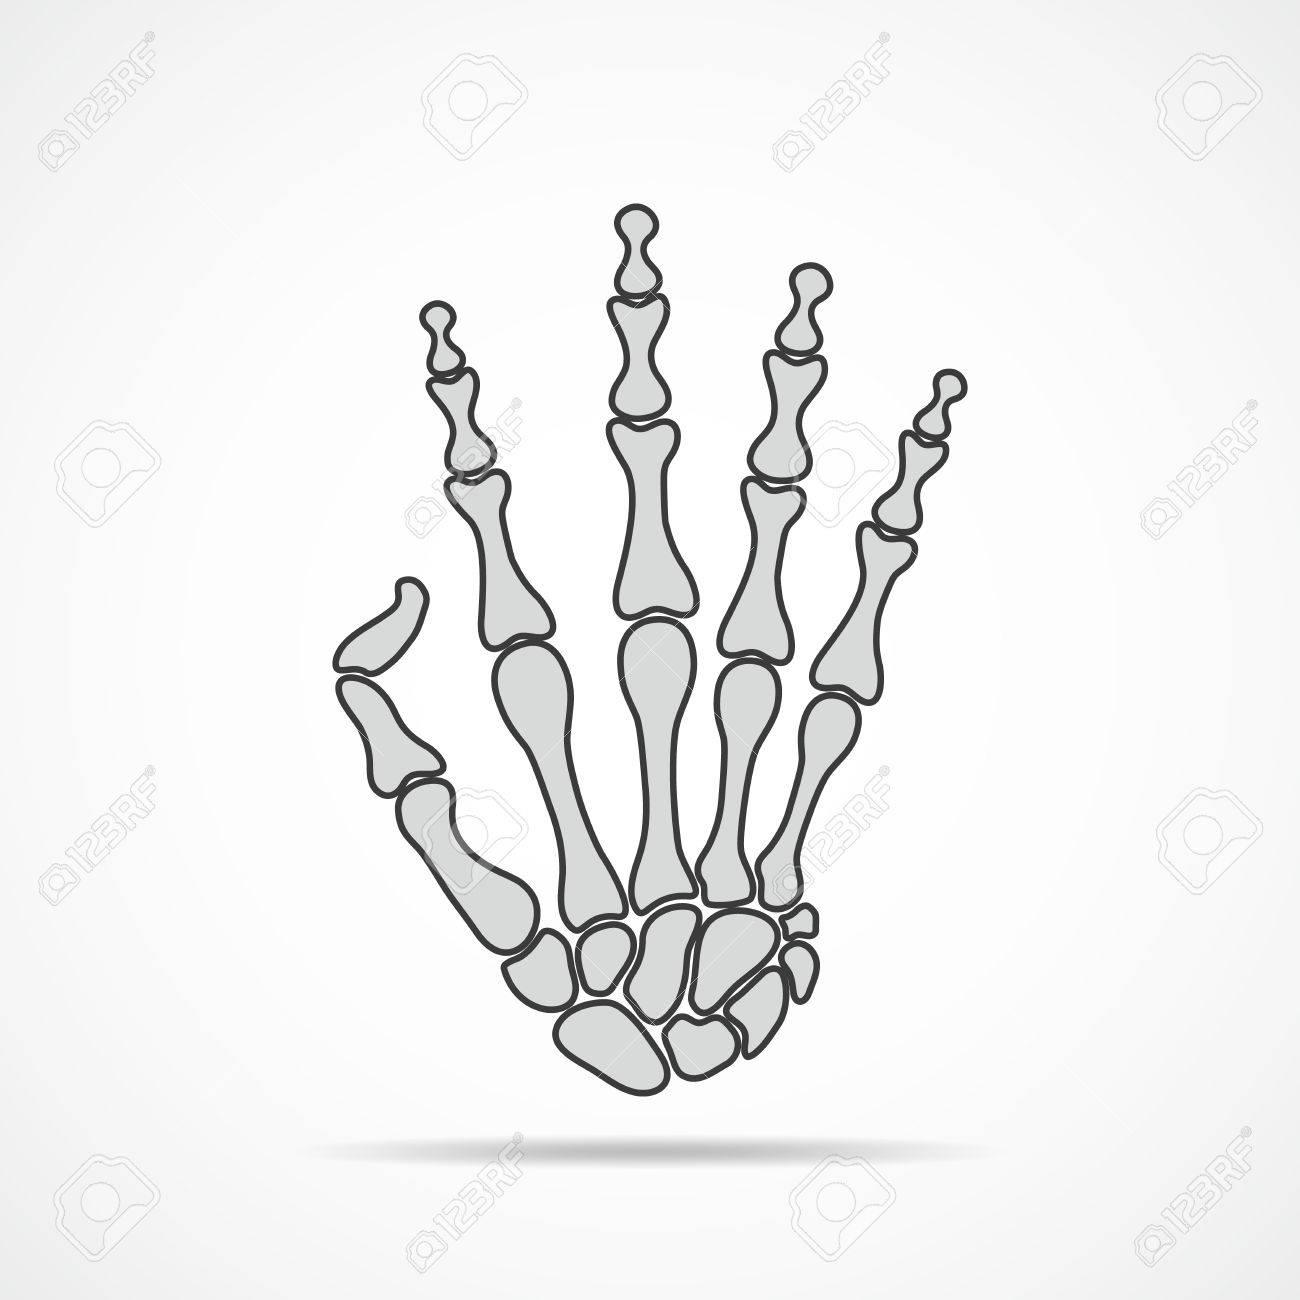 Bones Of Hand On Light Background. Skeleton Hand. Vector ...